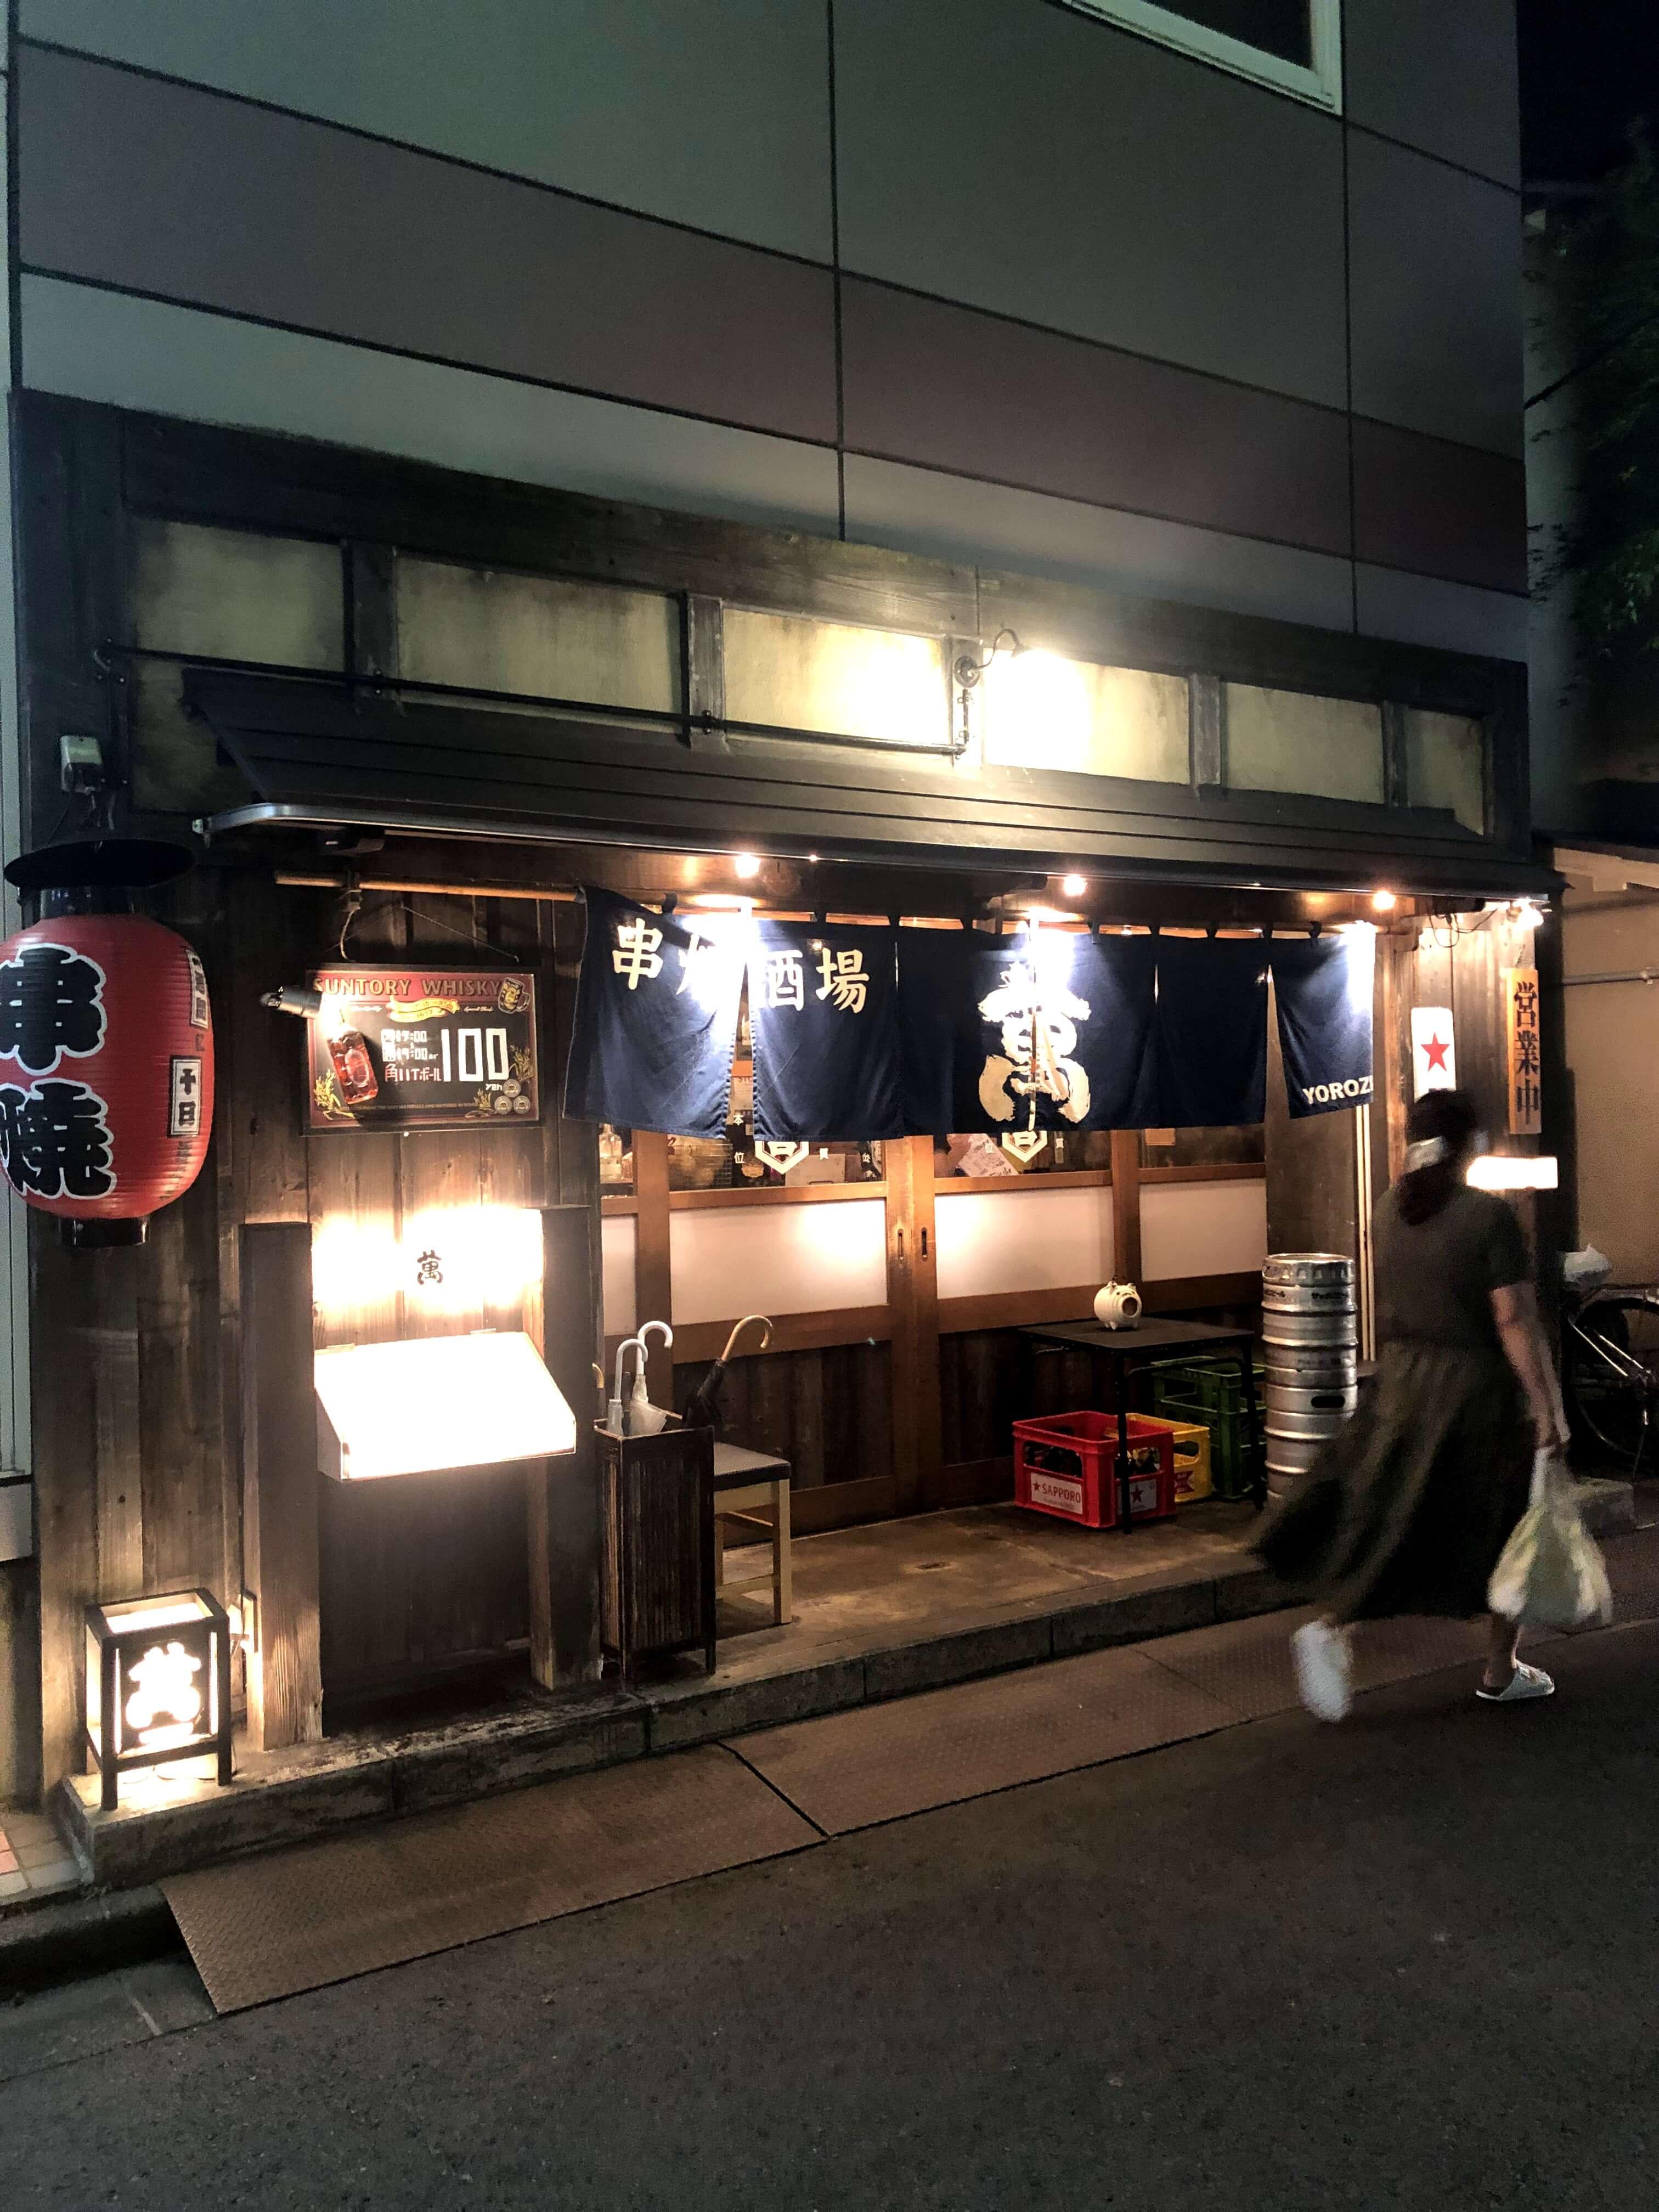 盛岡串焼き萬(YOROZU)の店構え